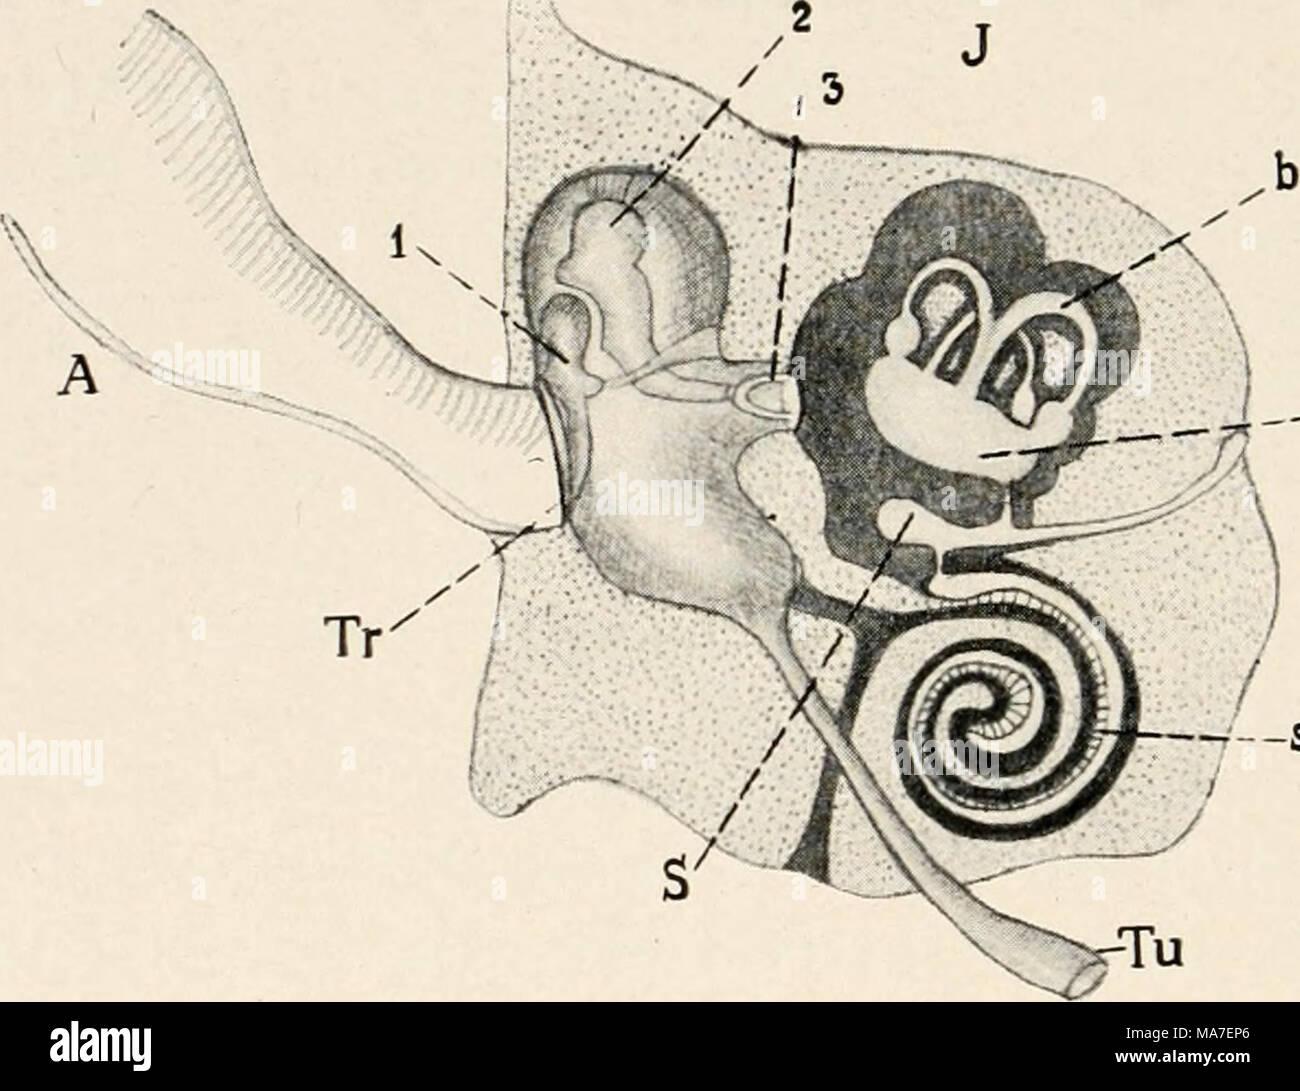 Gehörknöchelchen Stock Photos & Gehörknöchelchen Stock Images - Alamy